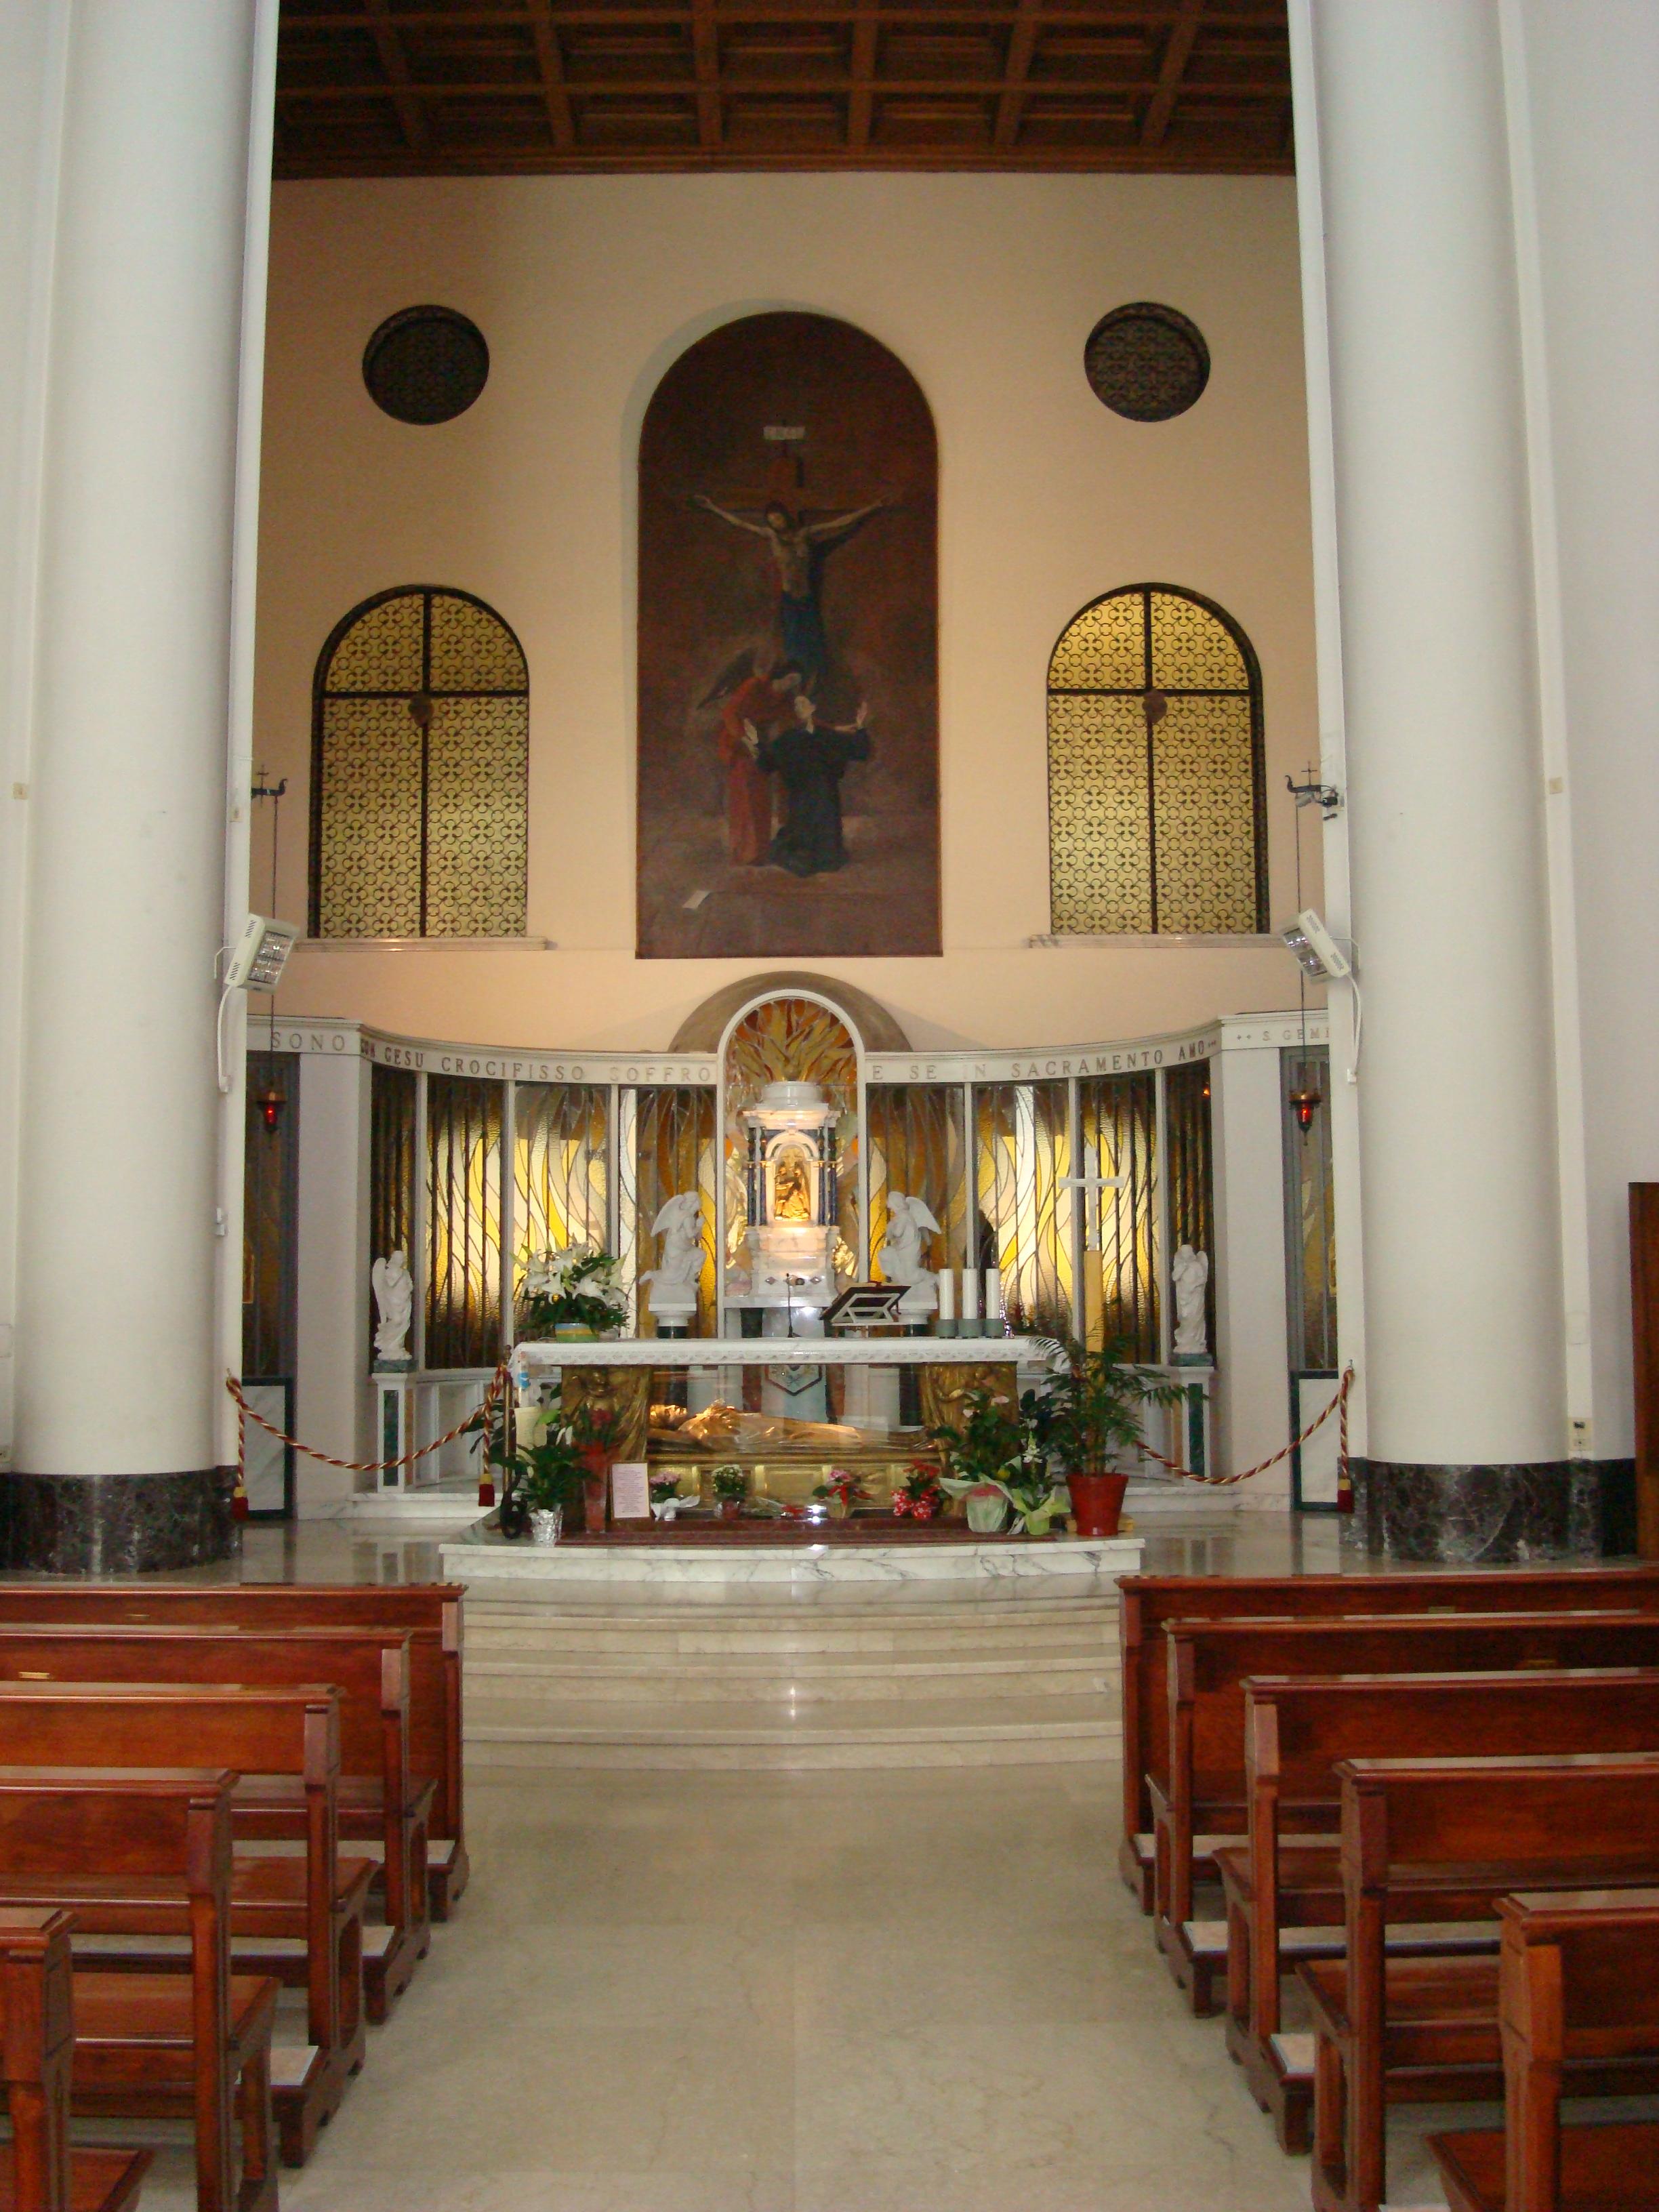 Wasze prośby dotrą do sanktuarium Świętej Gemmy w Lukce